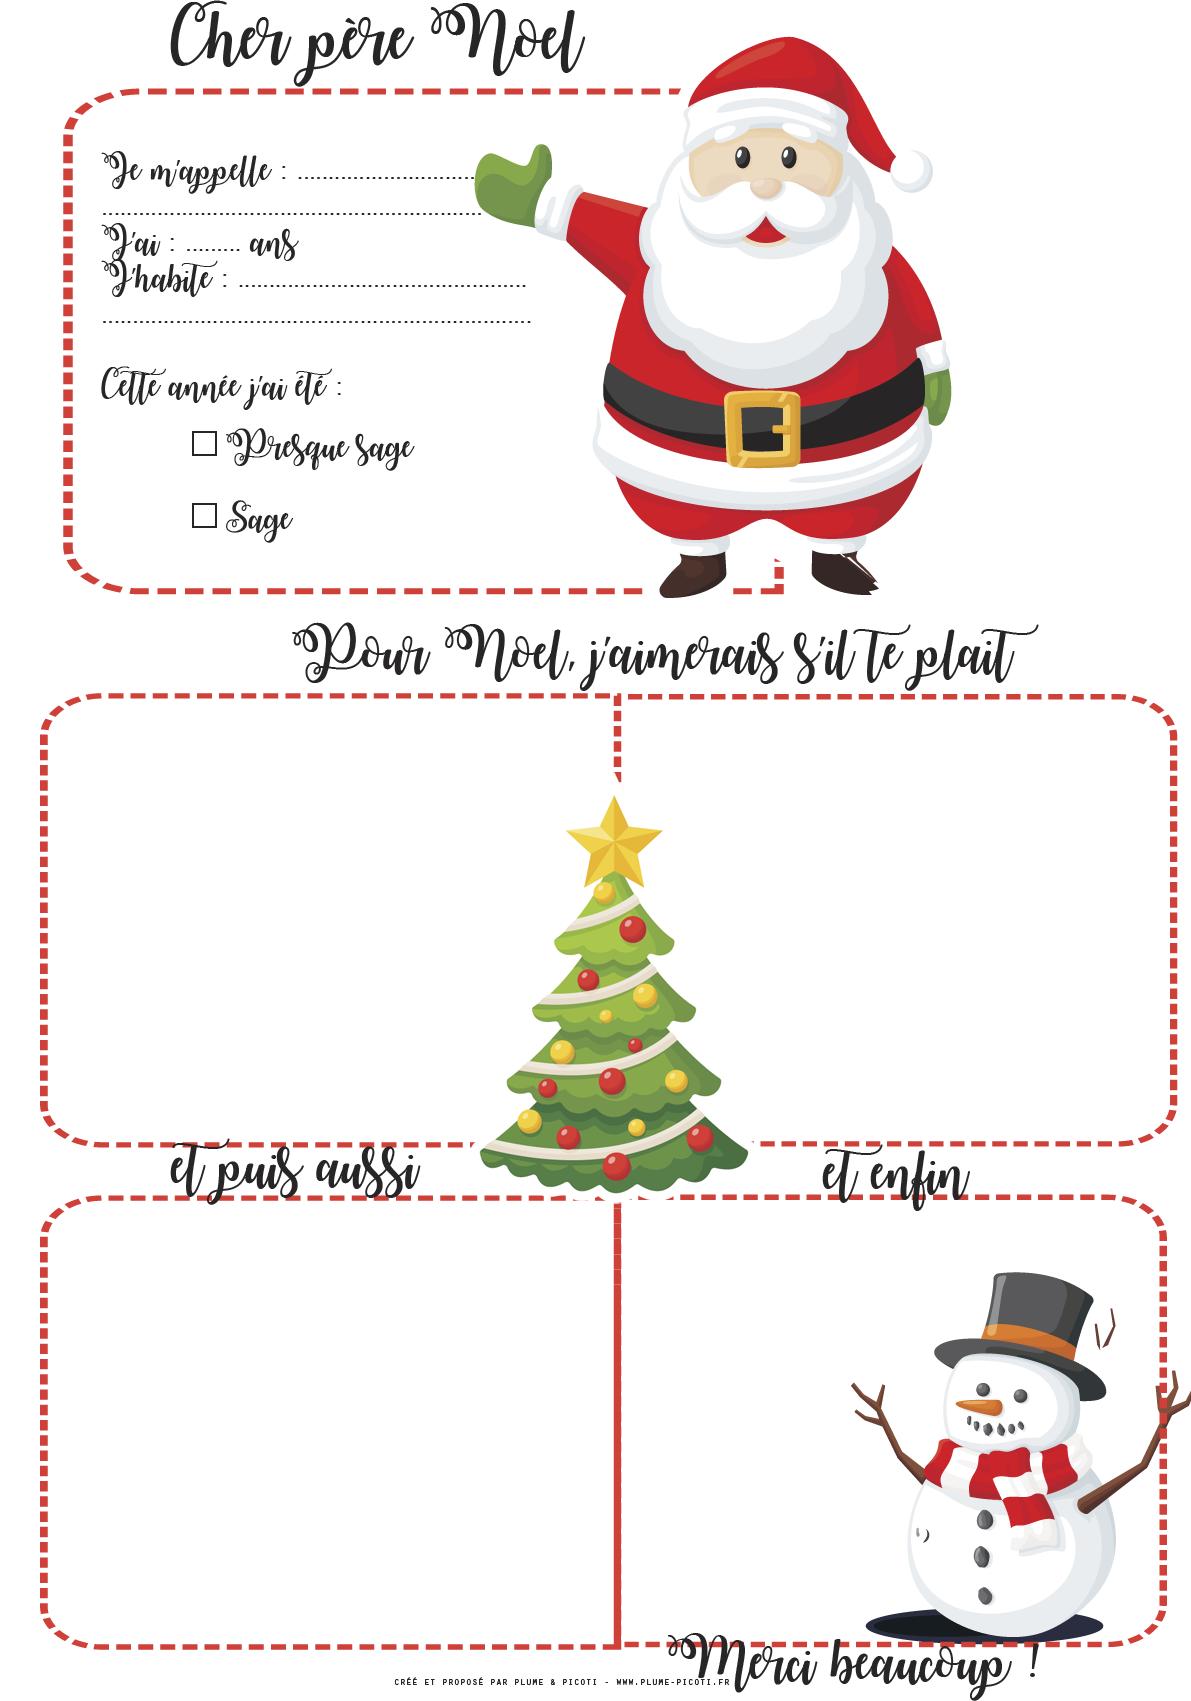 Modele Lettre Pere Noel Gratuit Lettre au pre Nol imprimer | Christmas cards kids, Santa letter